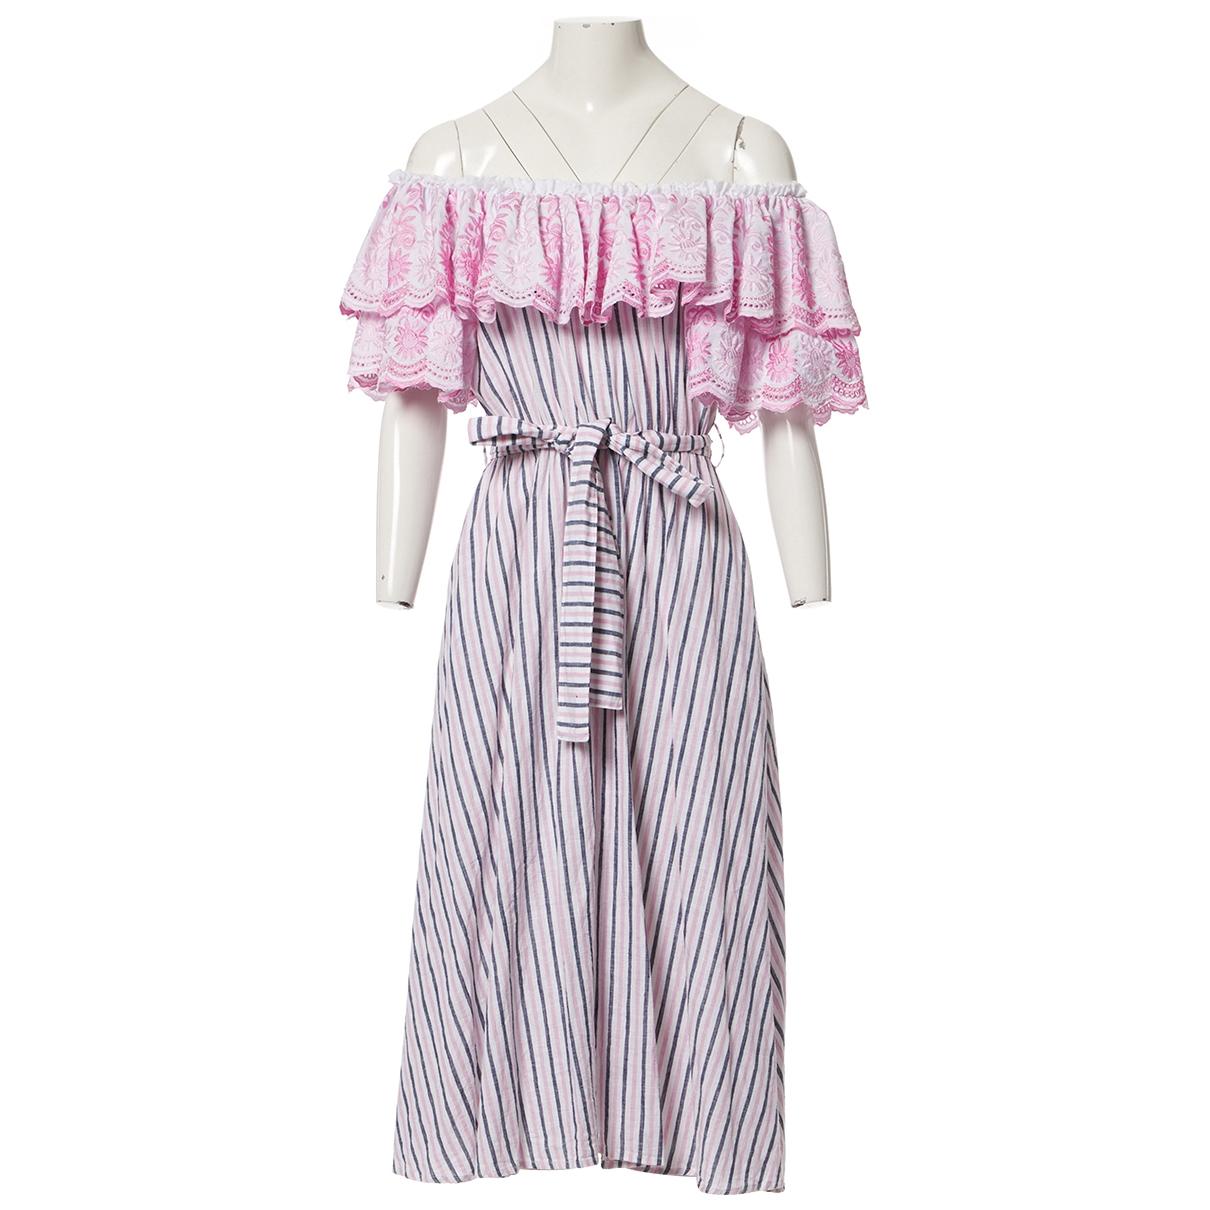 Gul Hurgel \N Kleid in  Bunt Baumwolle